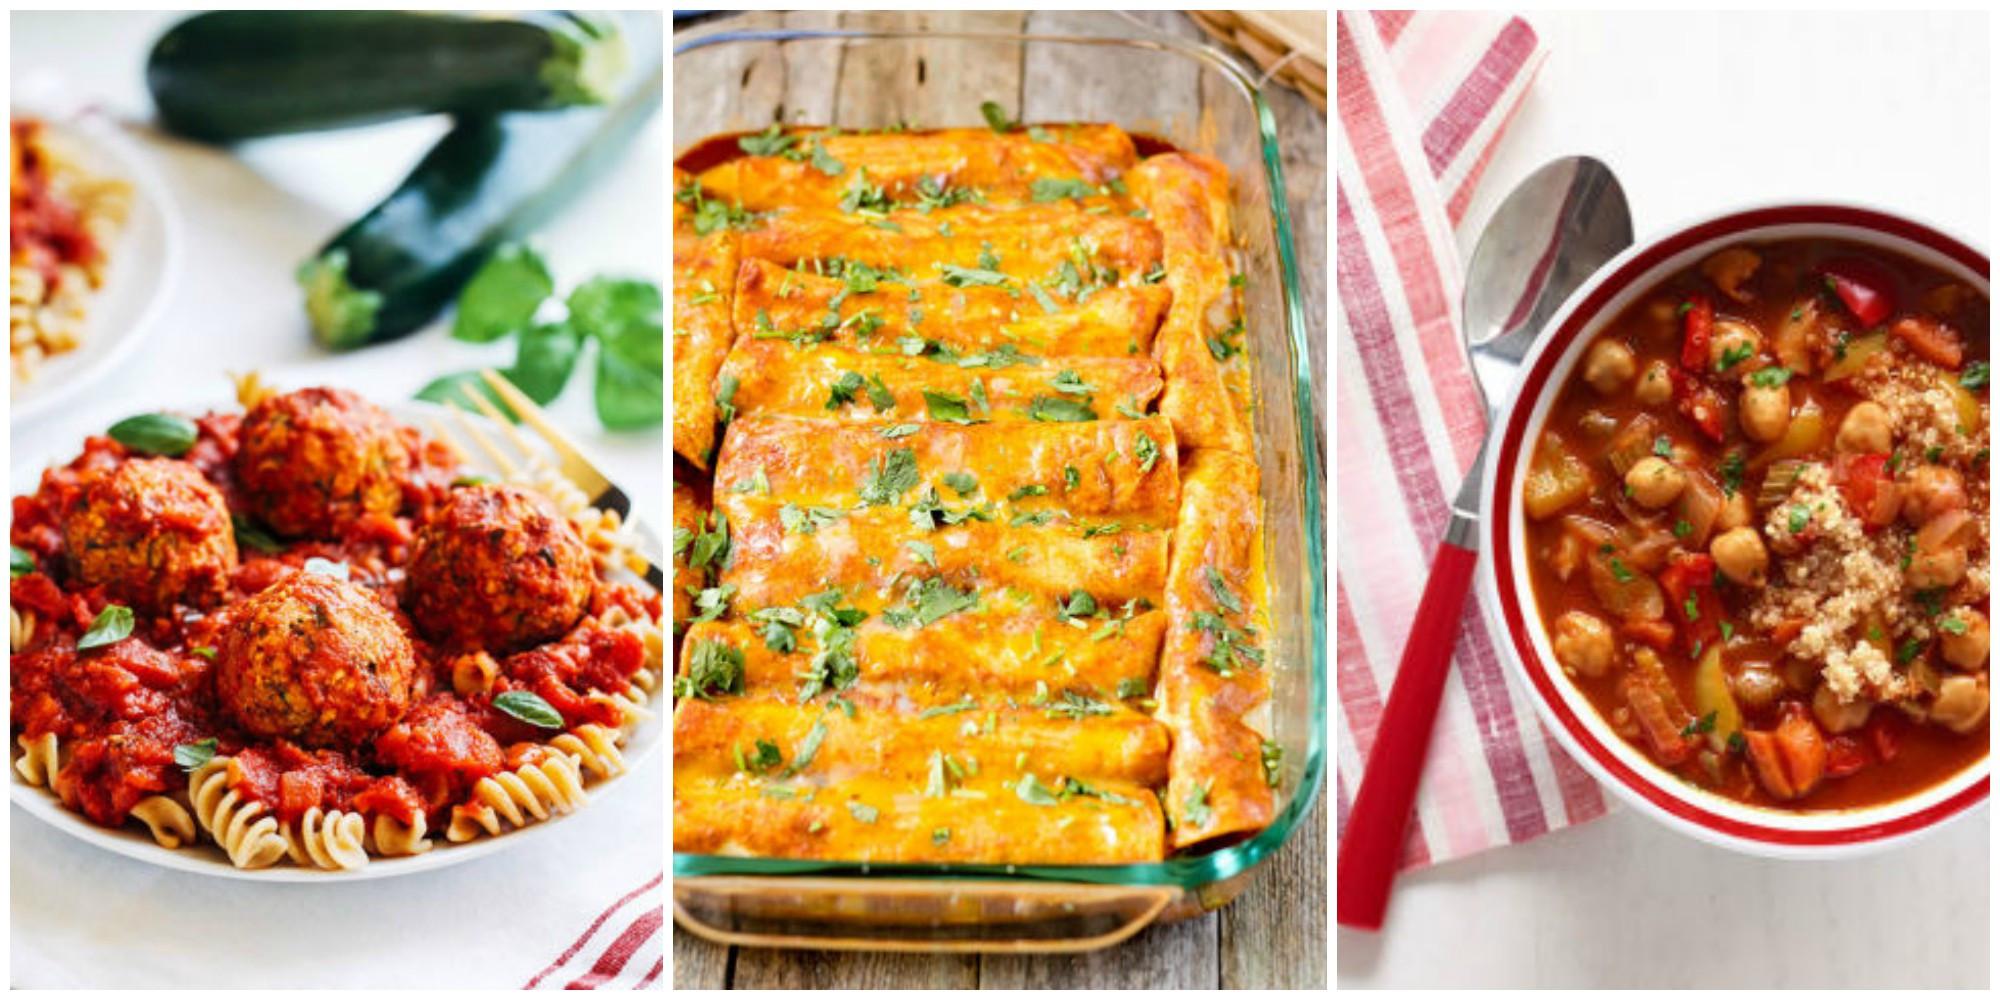 Vegan Recipes For Dinner  10 Easy Vegan Dinner Recipes Best Vegan Meal Ideas